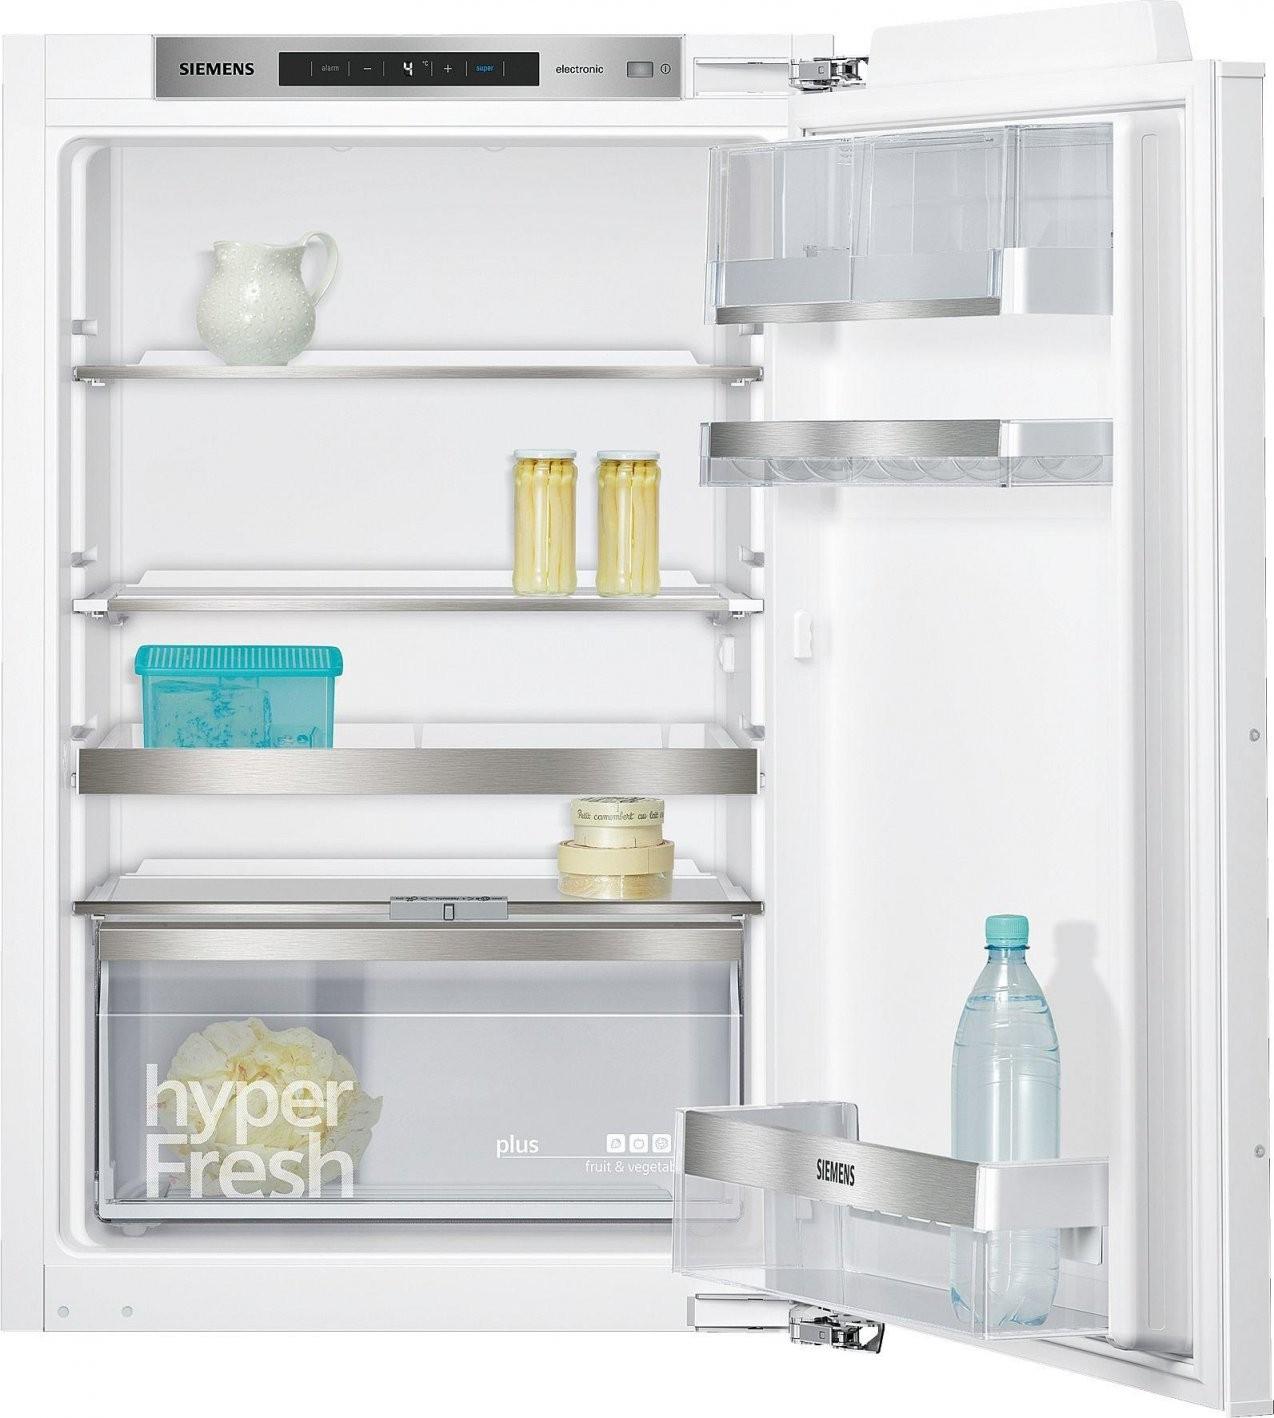 Siemens Ki21Rad30 A+++ Einbaukühlschrank 558 Cm Breit von Kühlschränke 55 Cm Breit Photo